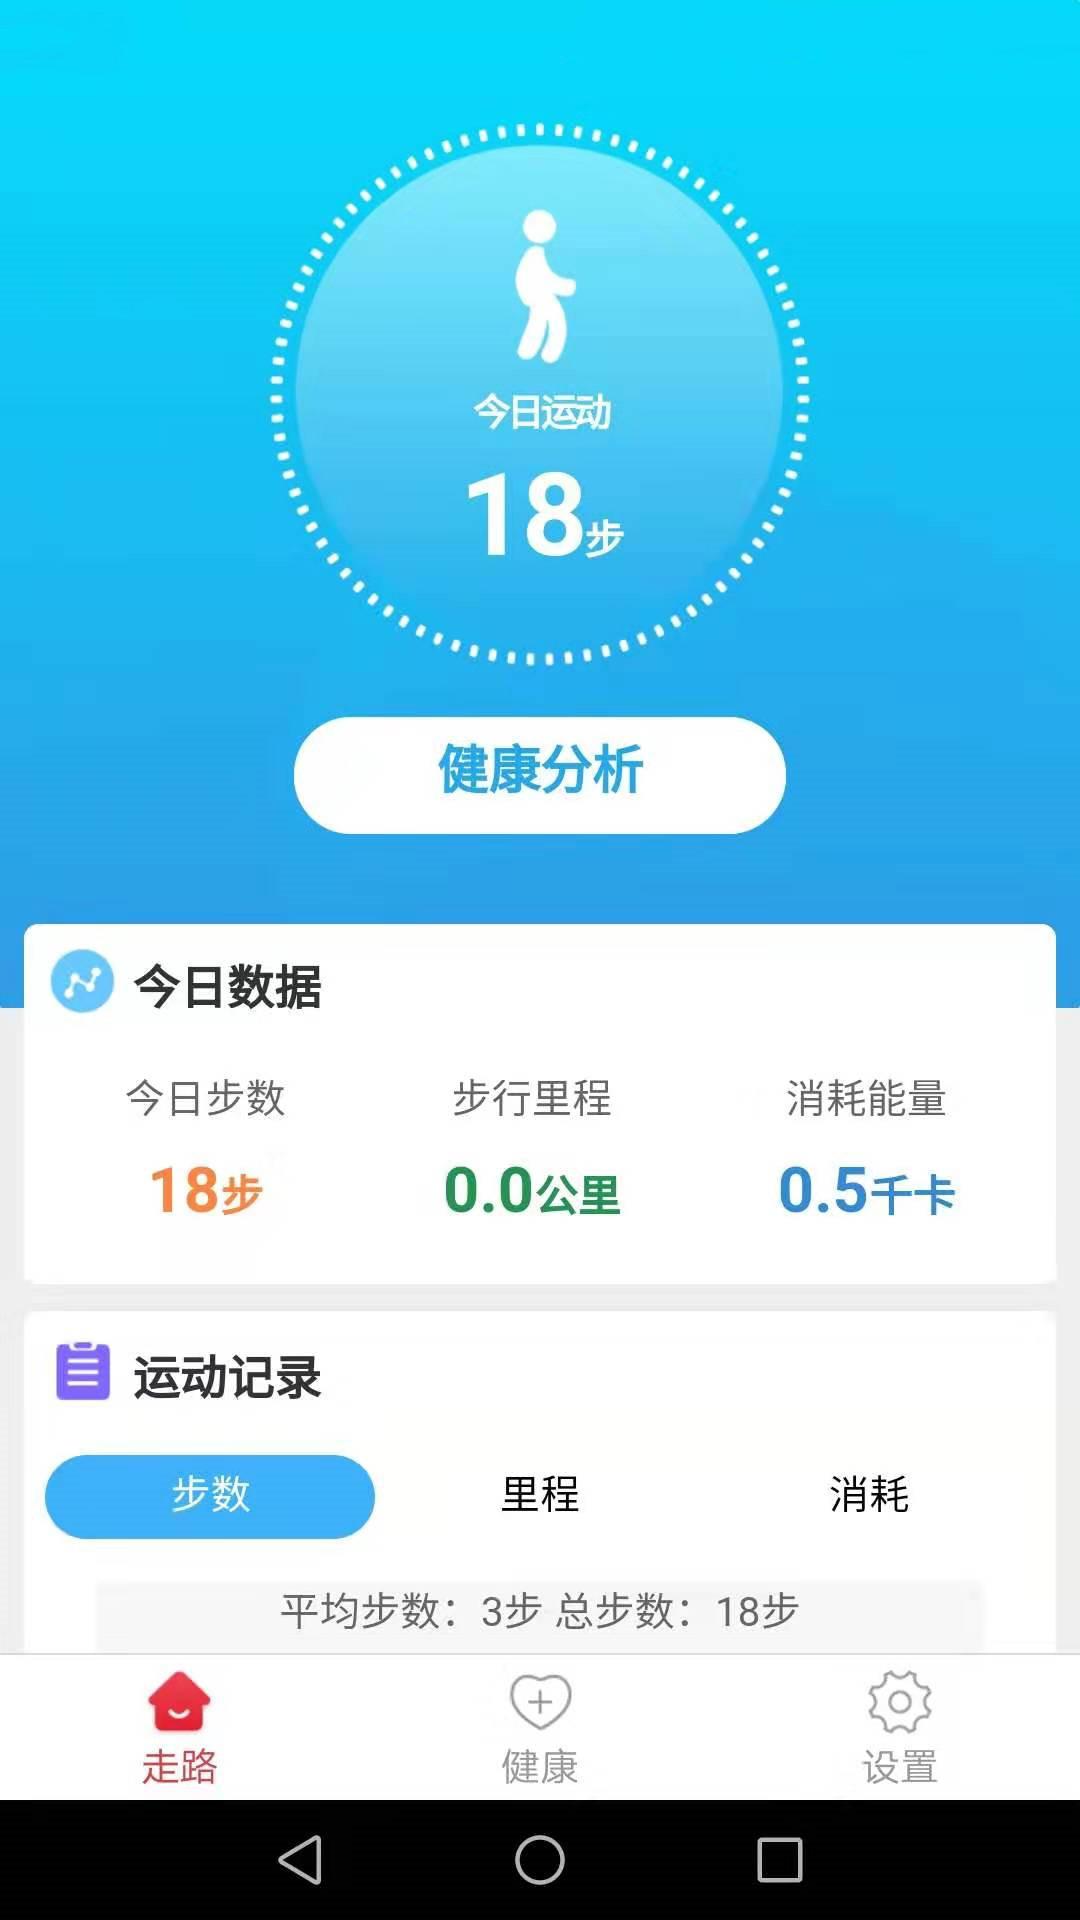 惠泽记步助手App手机版图1: